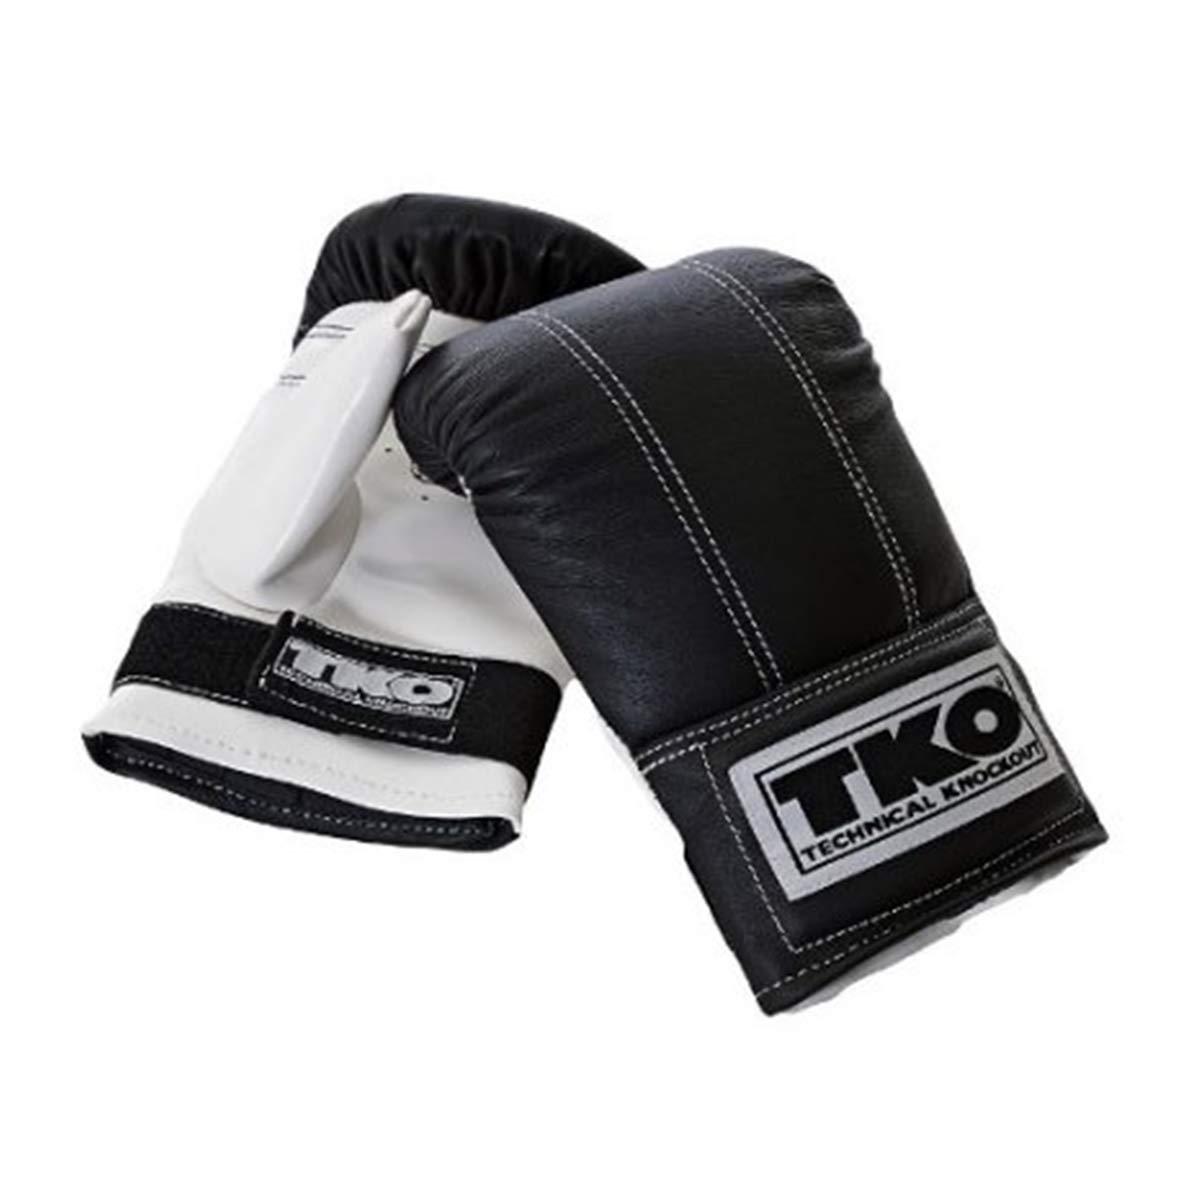 Proスタイルバッグ手袋inブラックandホワイト( Large – Xtra Large )